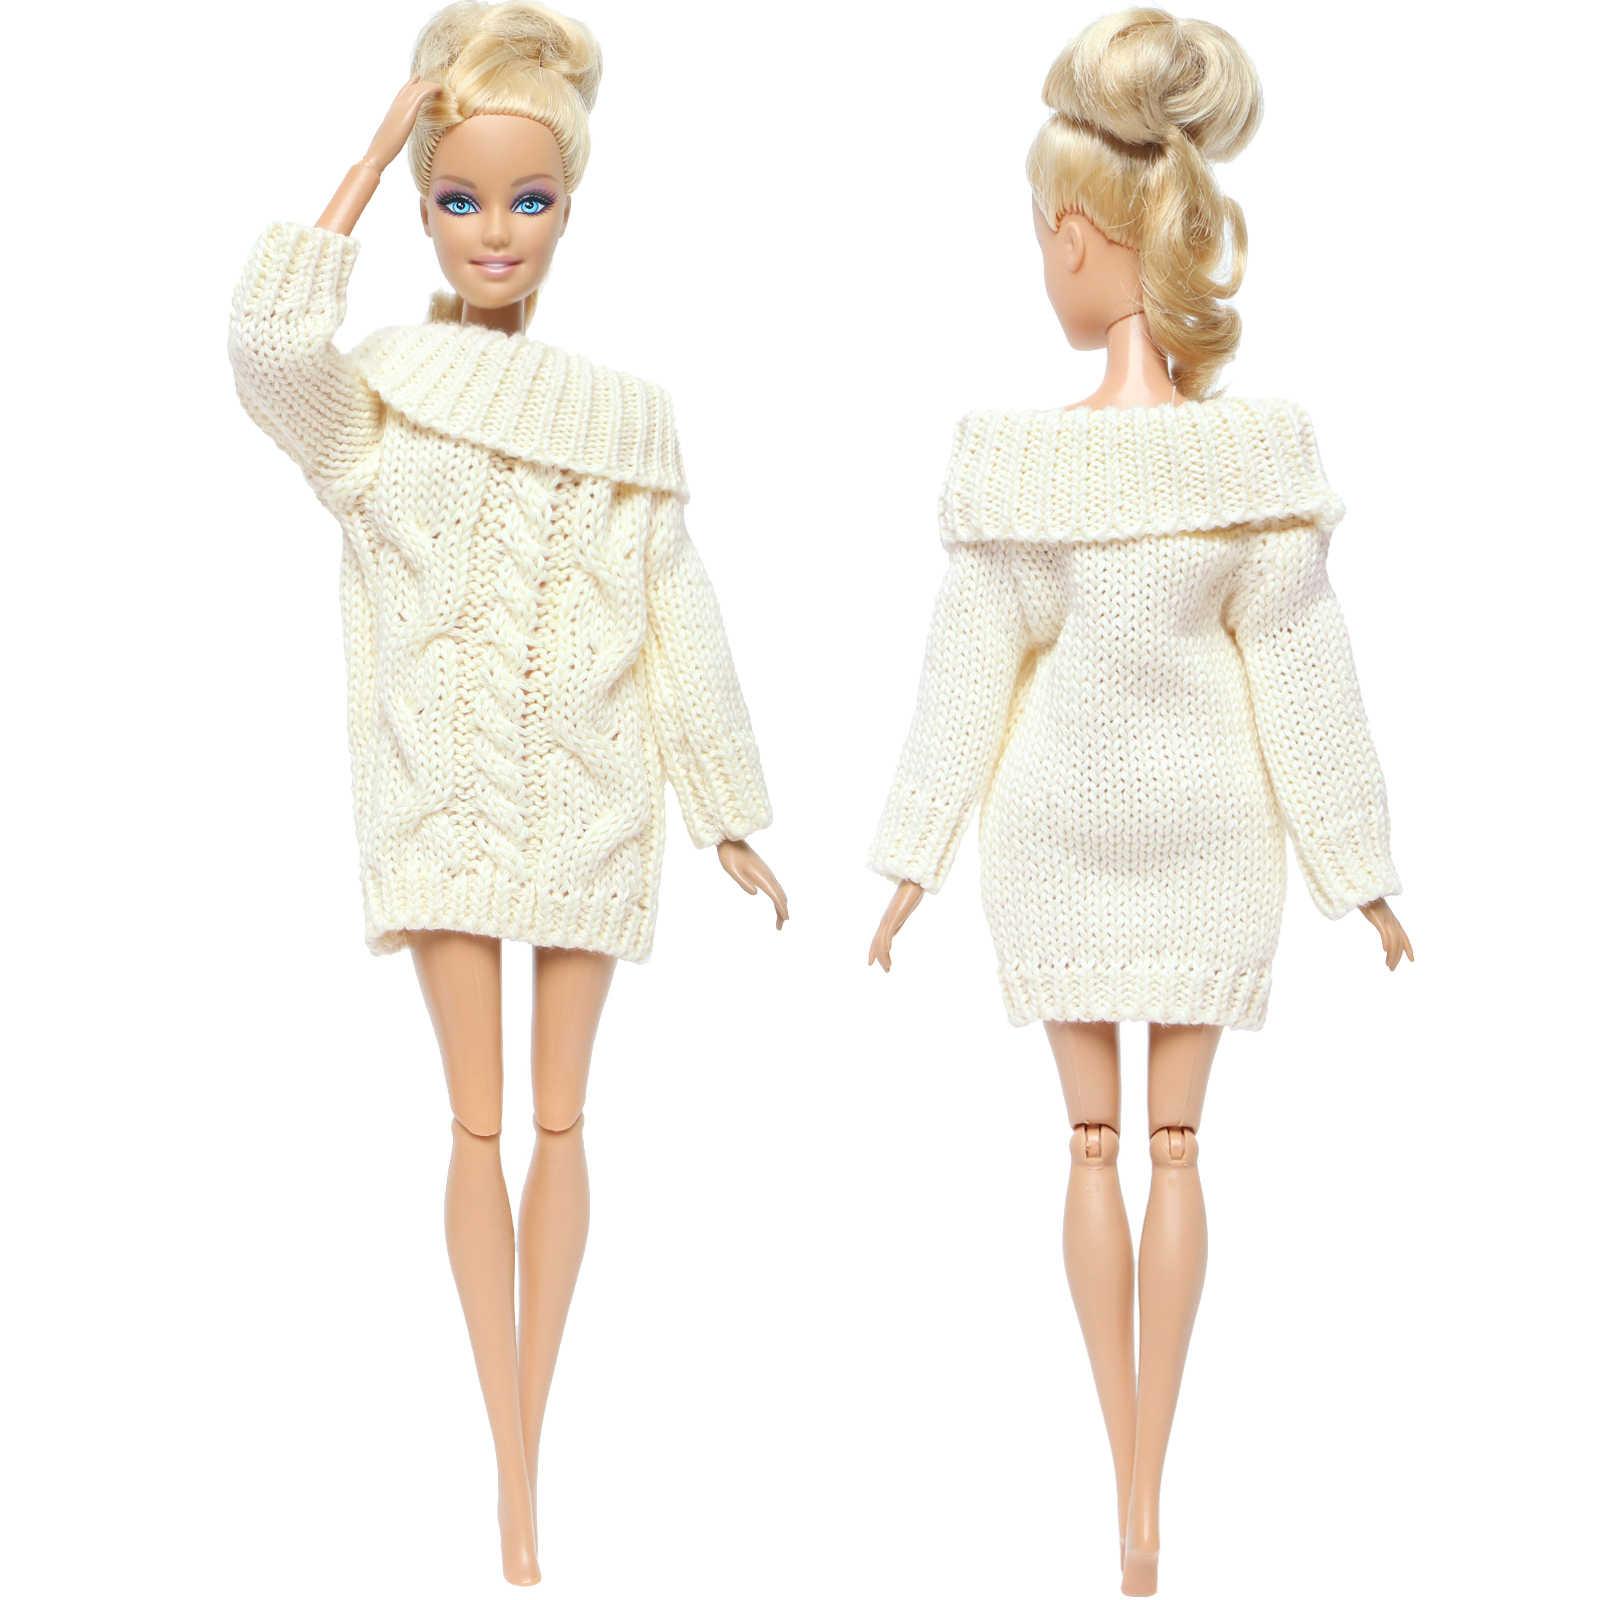 اليدوية الملونة دمية معطف القطن الخالص سترة الشتاء محبوك القمم فستان ملابس لفتاة دمية باربي الملحقات لتقوم بها بنفسك لعبة